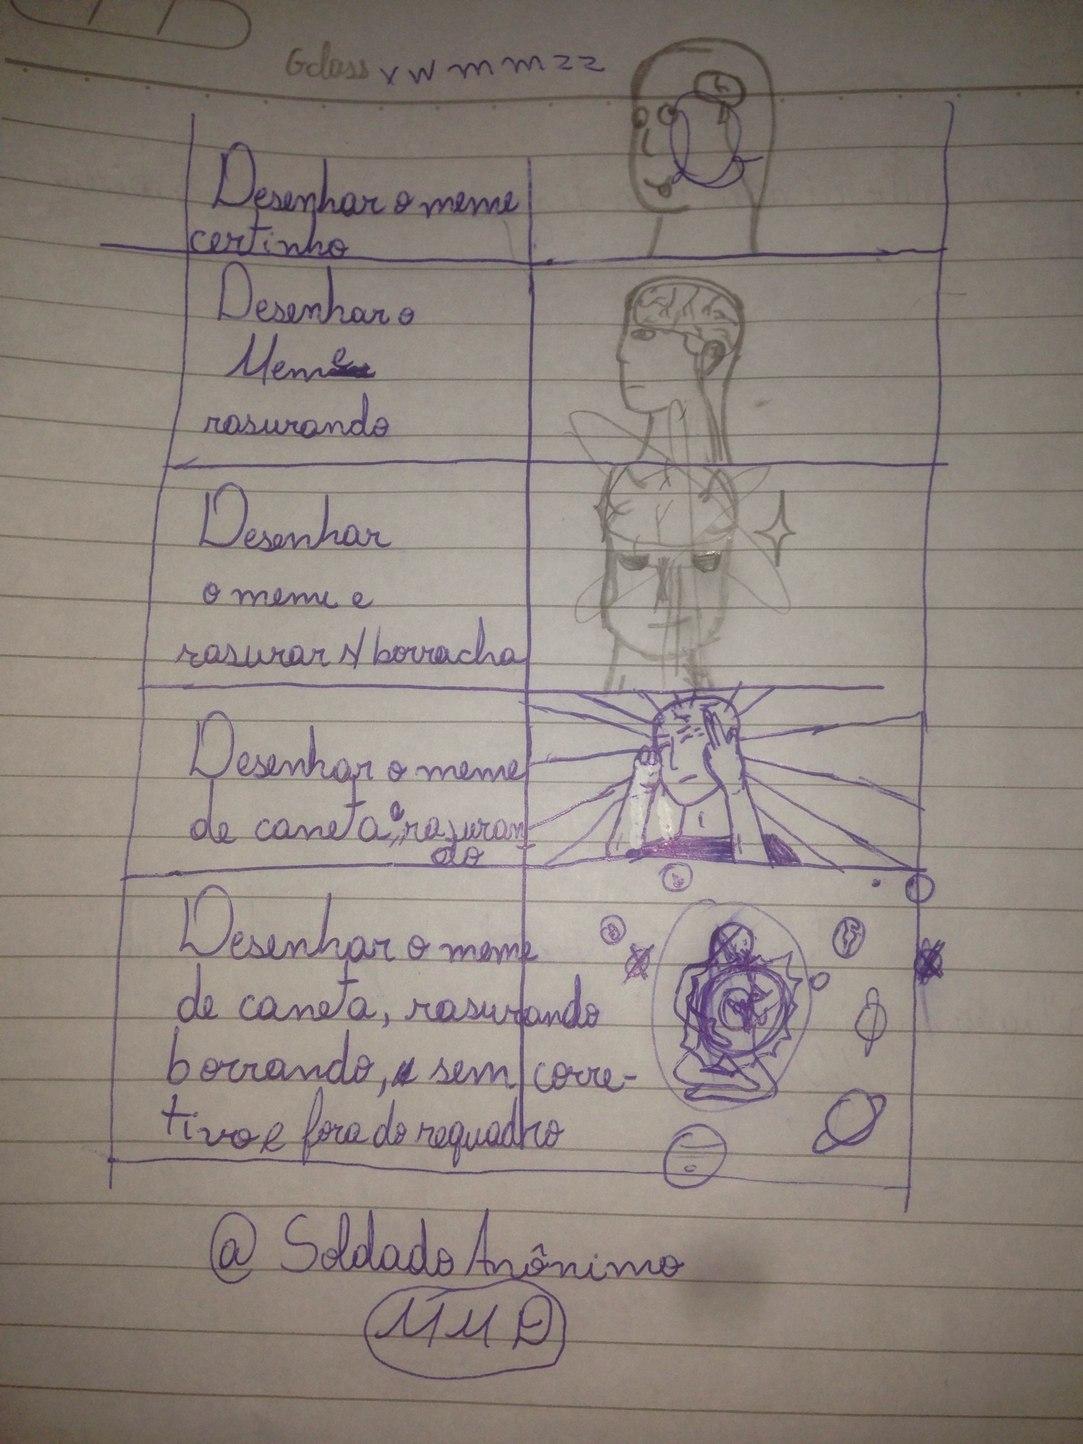 MEMES DESENHAdOS E DE QALIDAD